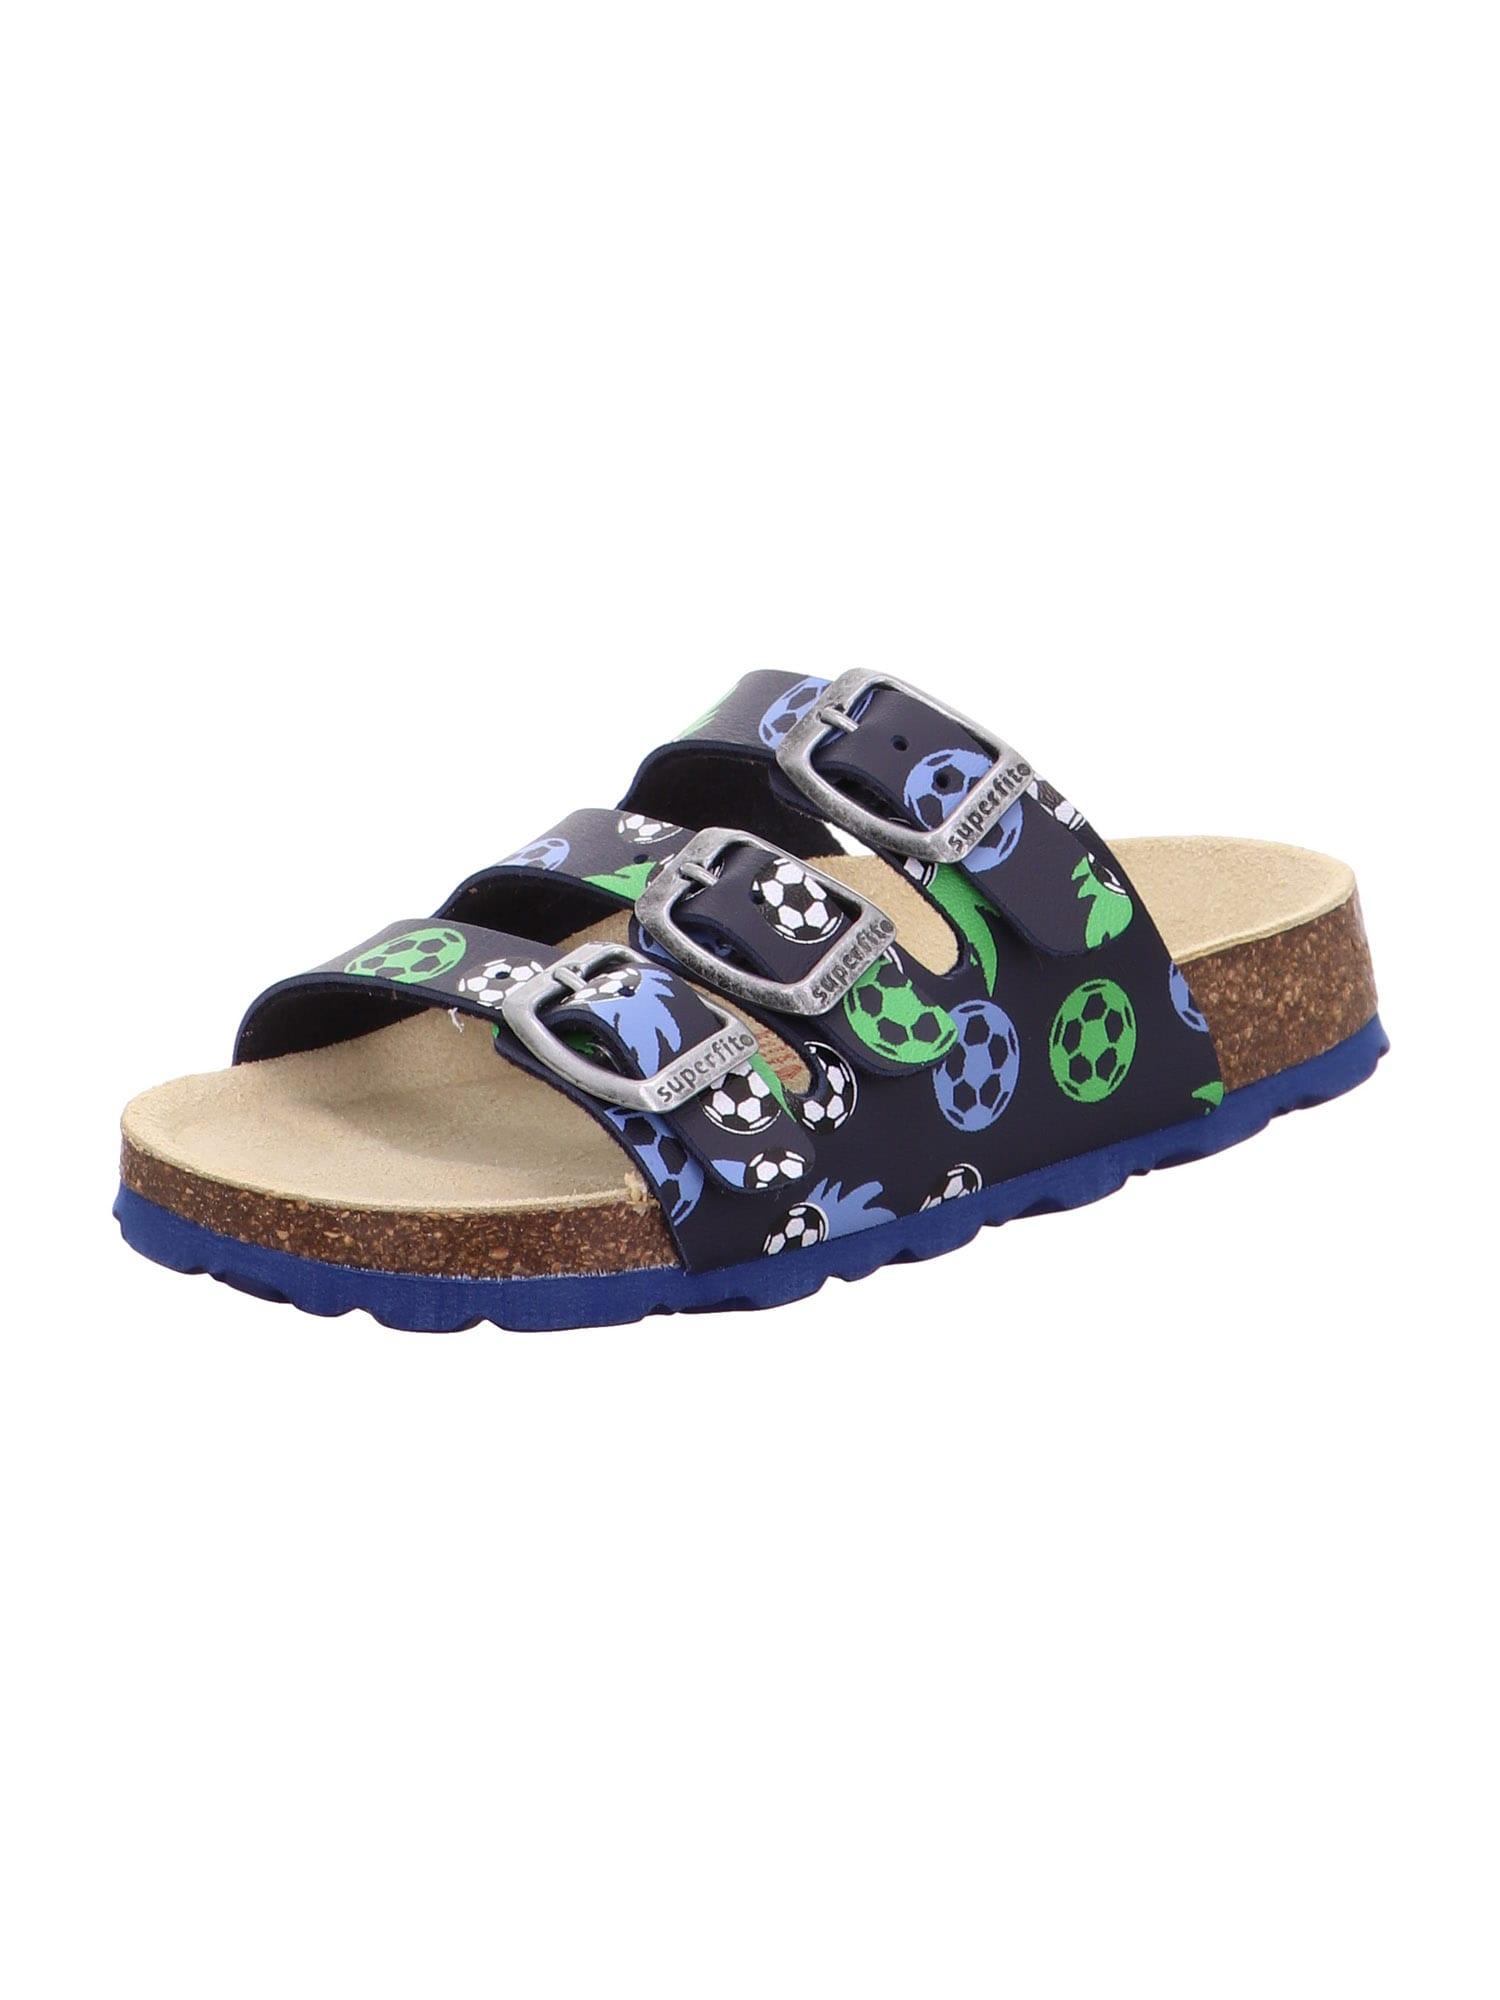 SUPERFIT Atviri batai tamsiai mėlyna / mėlyna dūmų spalva / žalia / balta / juoda